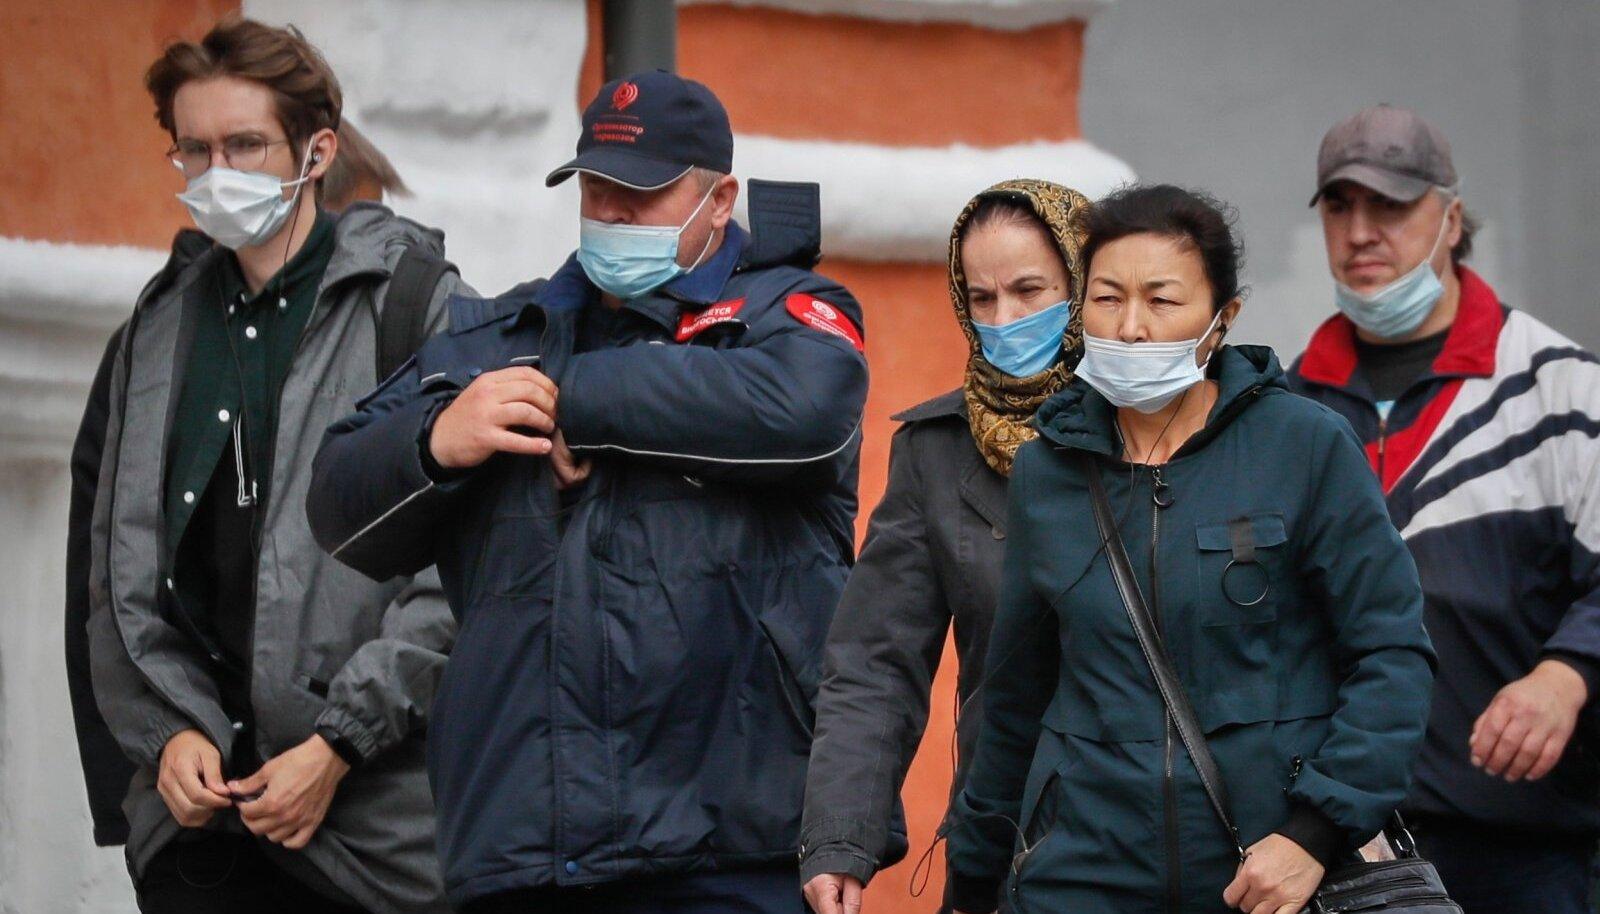 Maski kandmise stiilinäited Moskvas. Mõnel on see rohkem lõuakaitse.